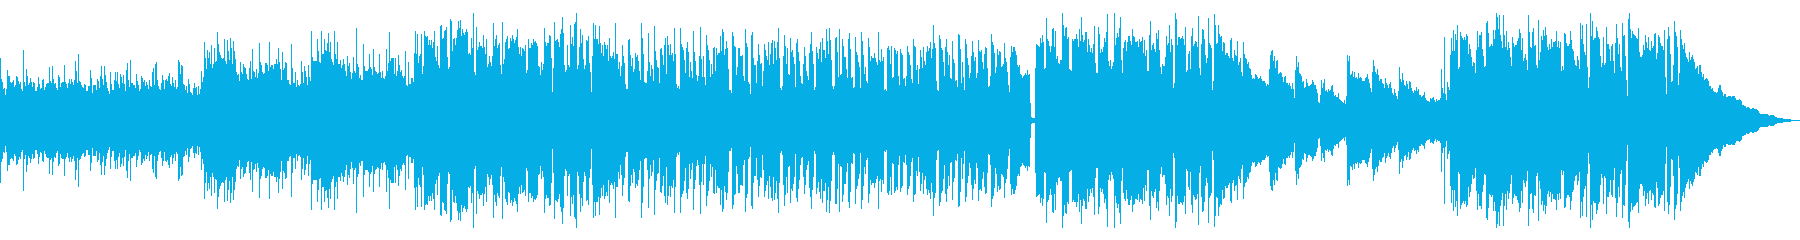 透明感あるポップス(バンド演奏)の再生済みの波形